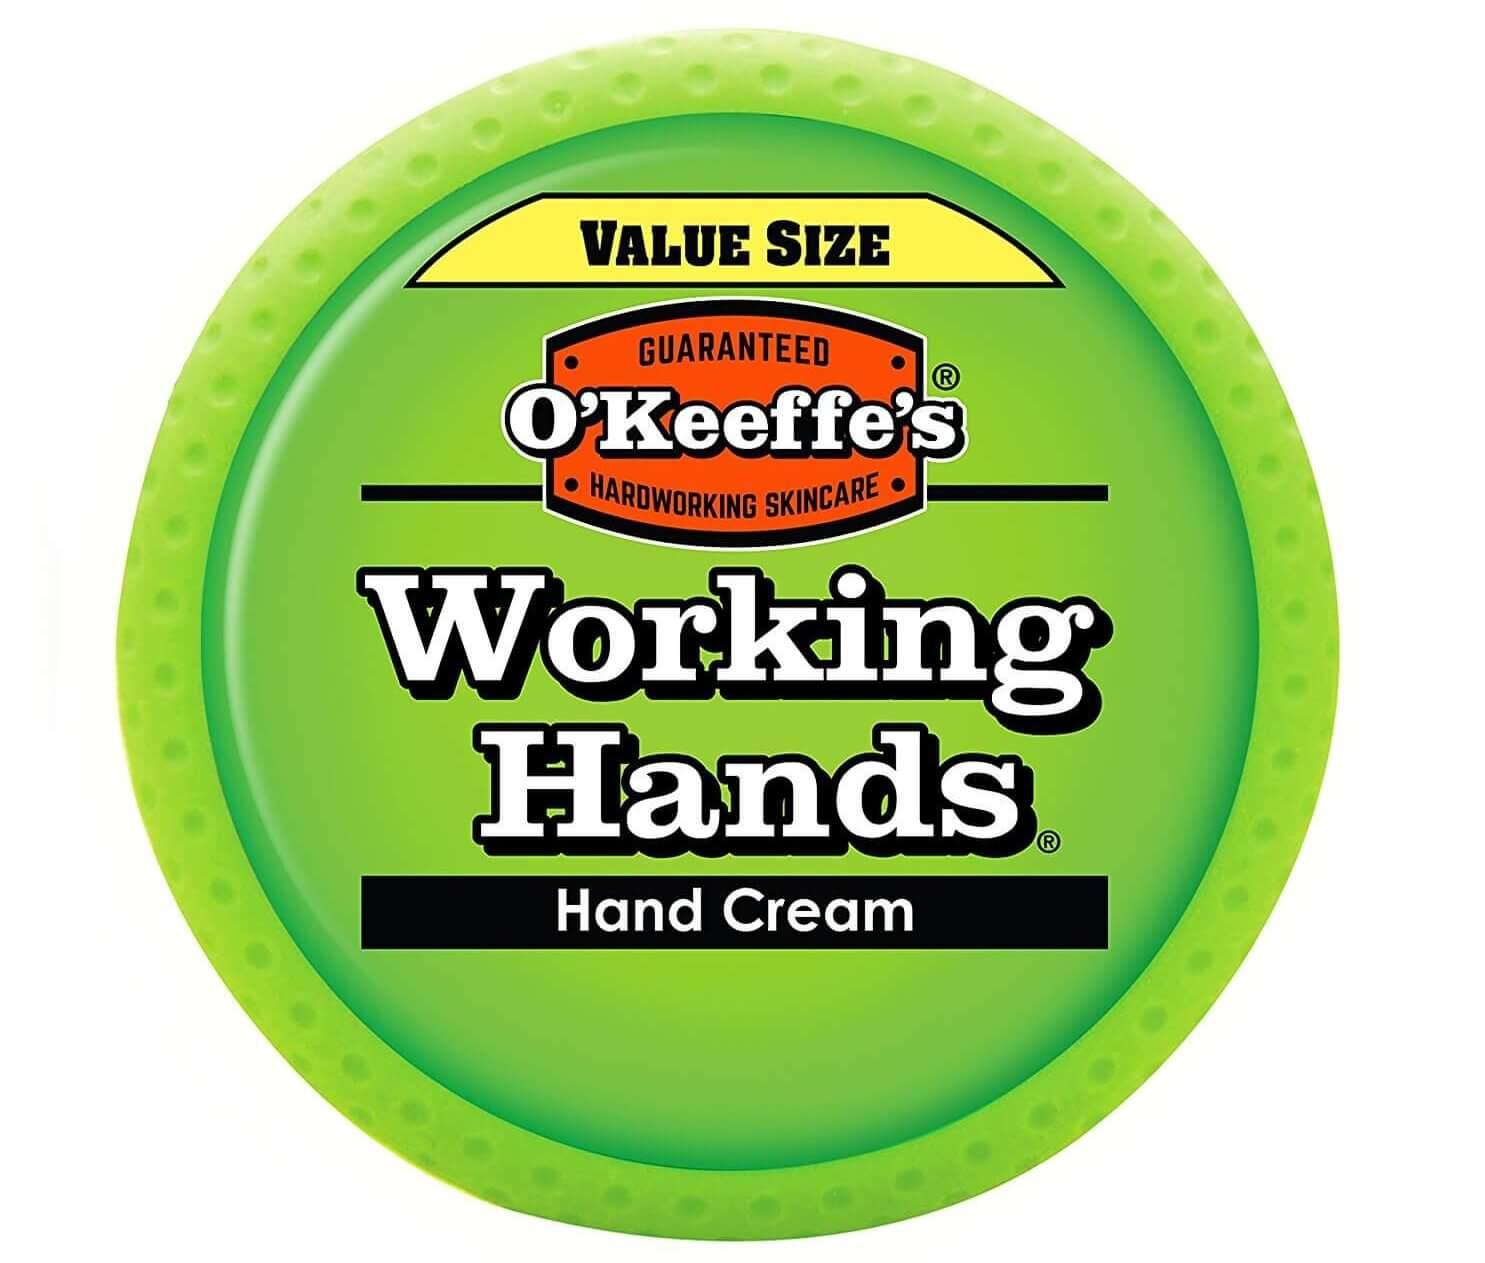 Männer Handcreme O'Keeffe's Working Hands Handcreme für Männer Körperpflegeprodukte für Männer kaufen